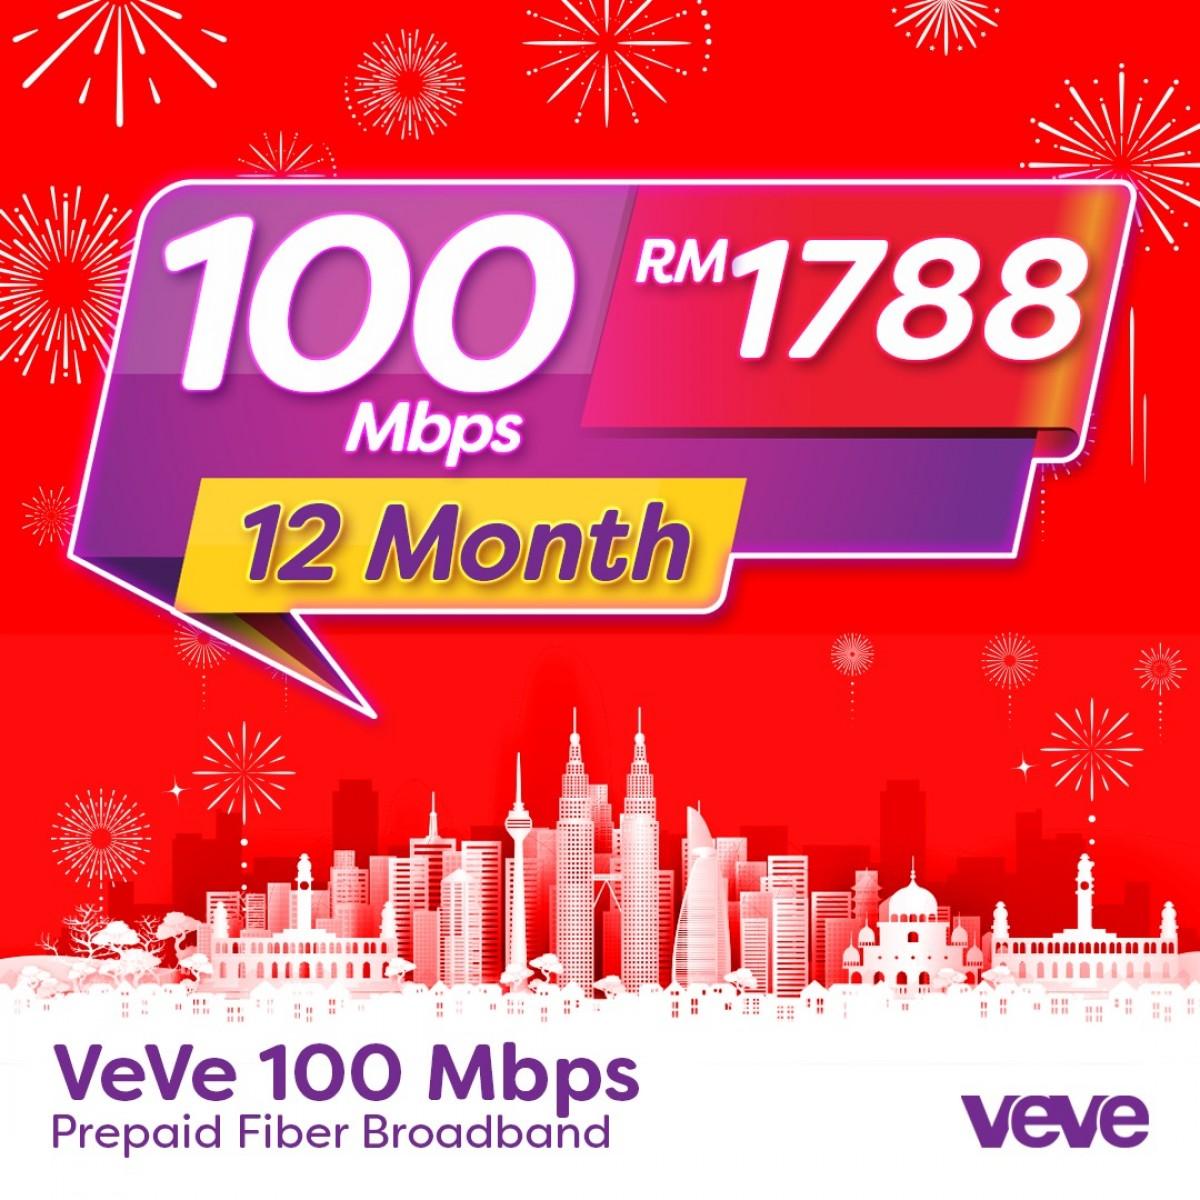 VeVe 100 Mbps Home Fibre (12 Month) - VEVE